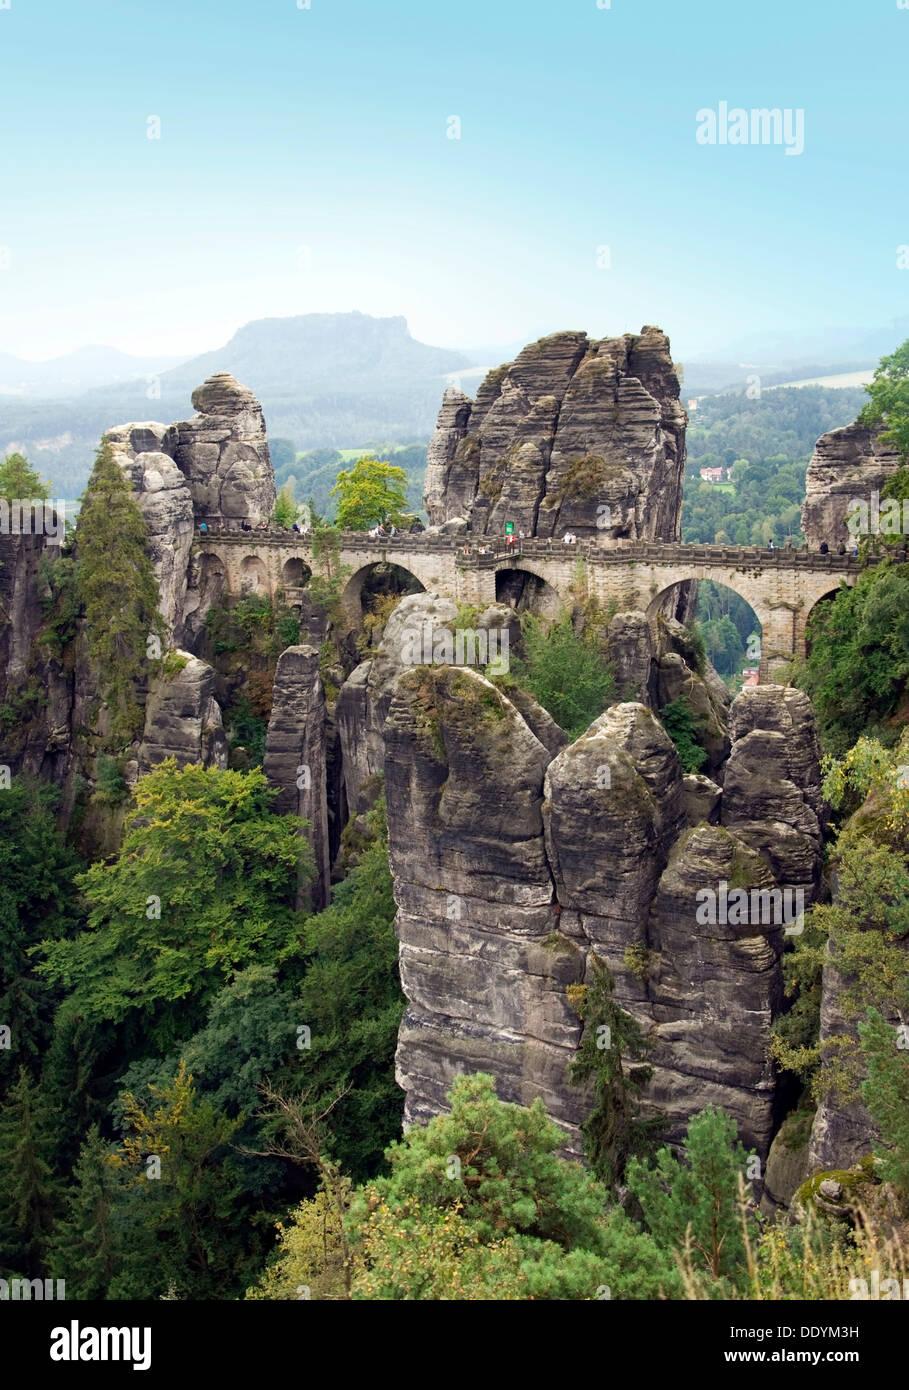 Basteibruecke bridge, Bastei rock formation, behind Mt. Lilienstein, Elbsandsteingebirge Elbe Sandstone Mountains - Stock Image